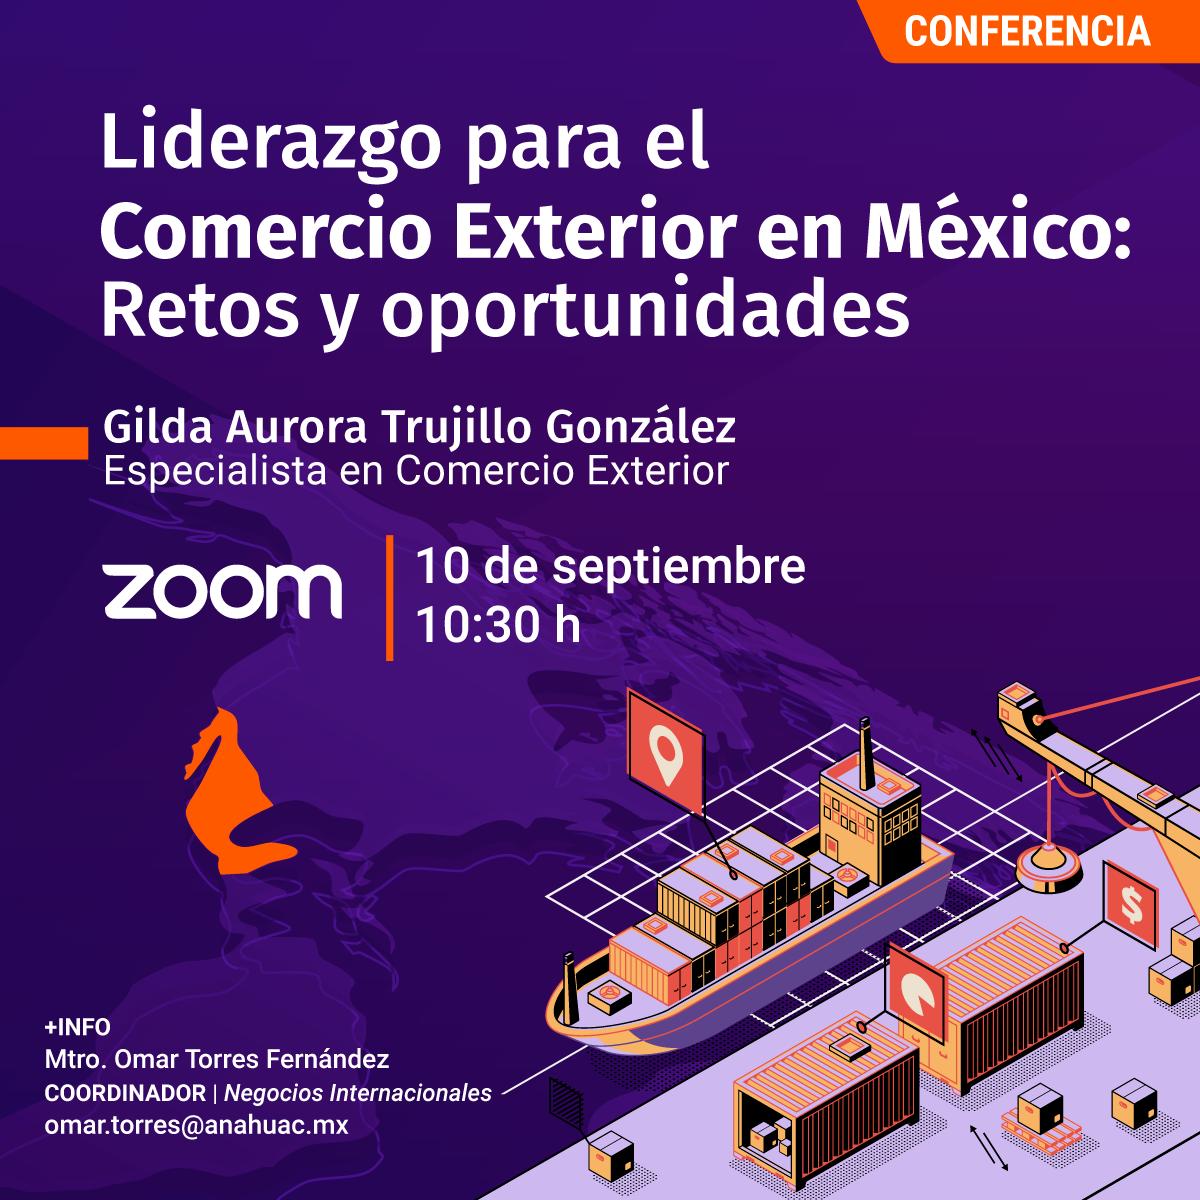 Liderazgo para el Comercio Exterior en México: Retos y Oportunidades